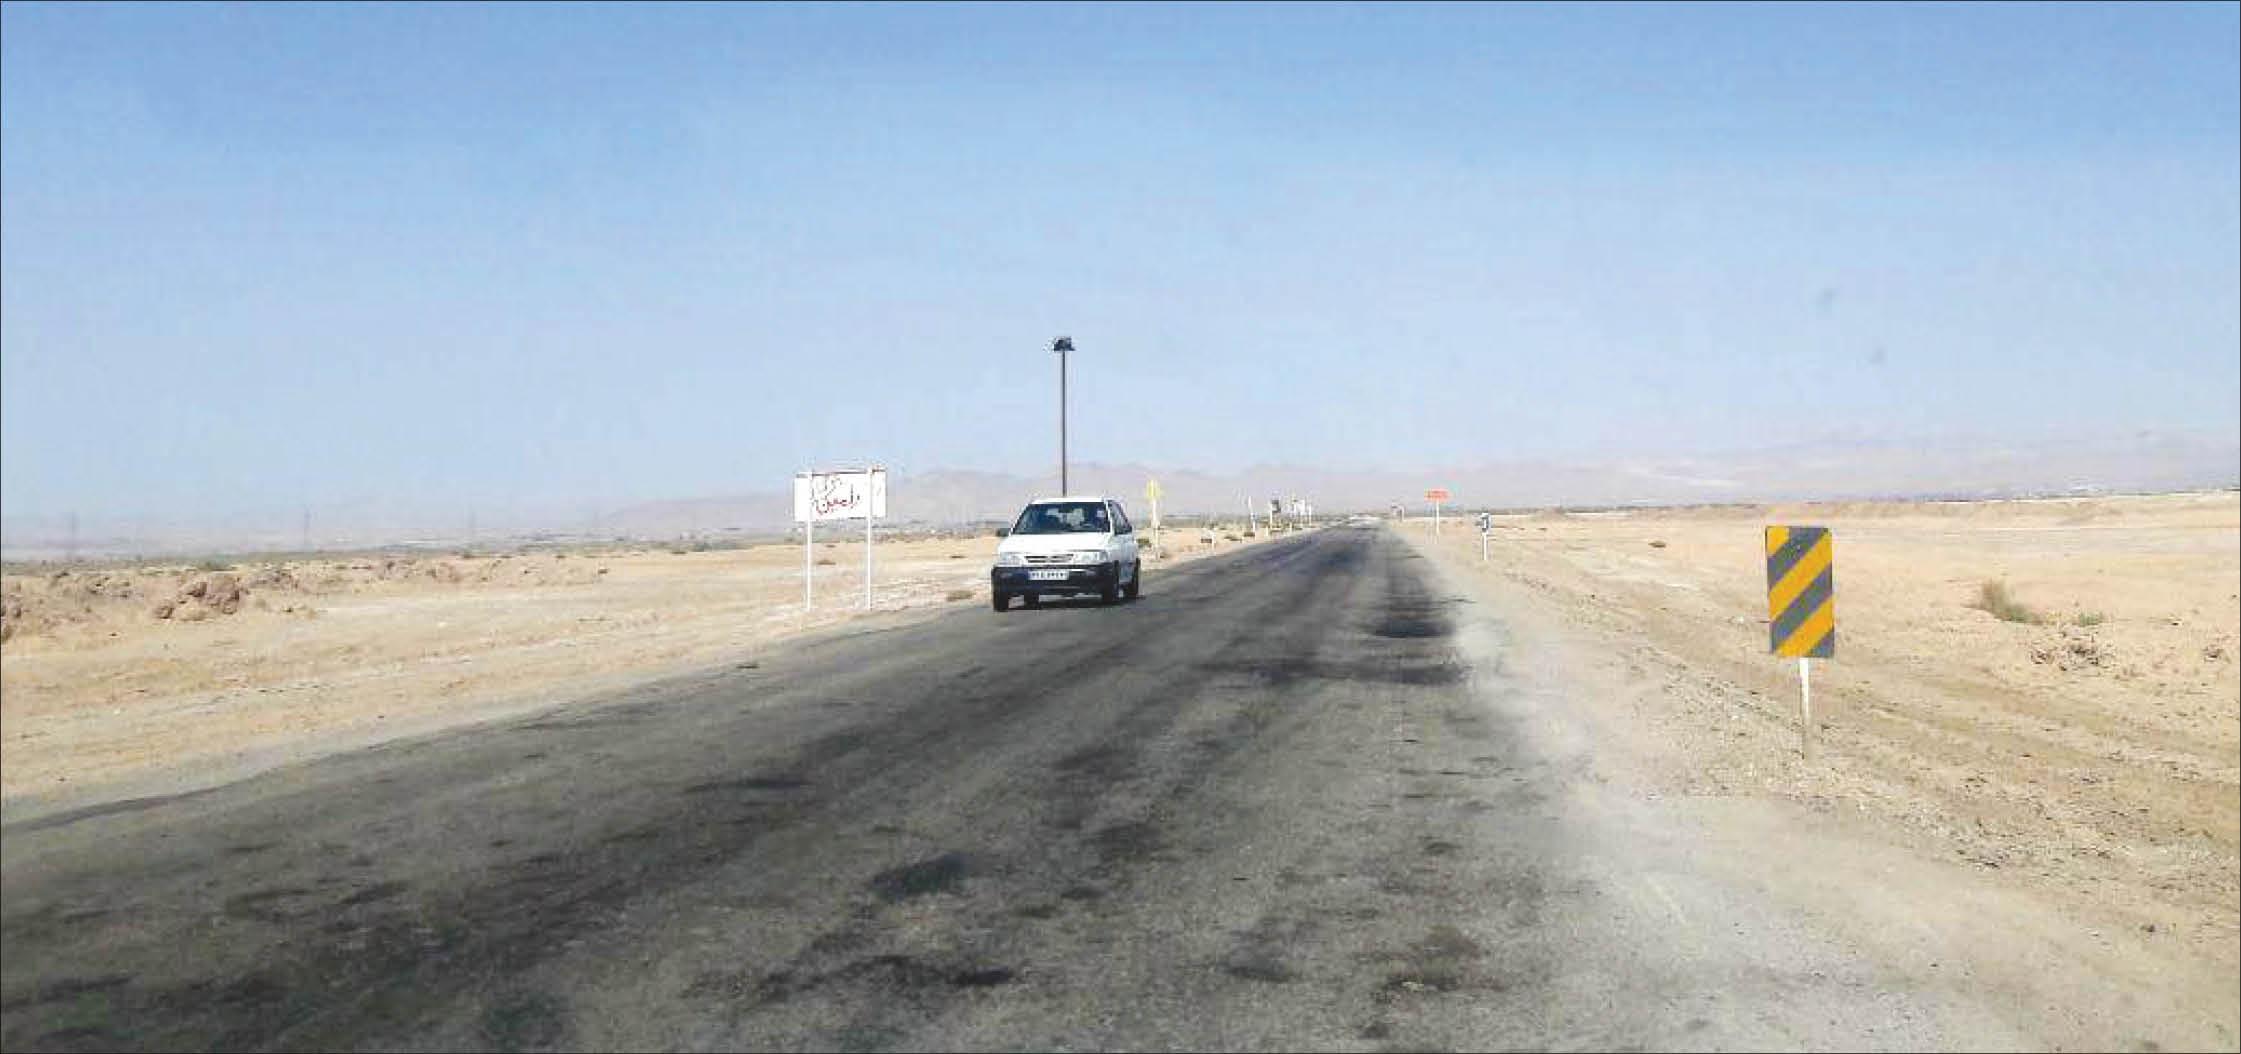 نگاهی به مشکلات روستای امیرآبادجاجرم